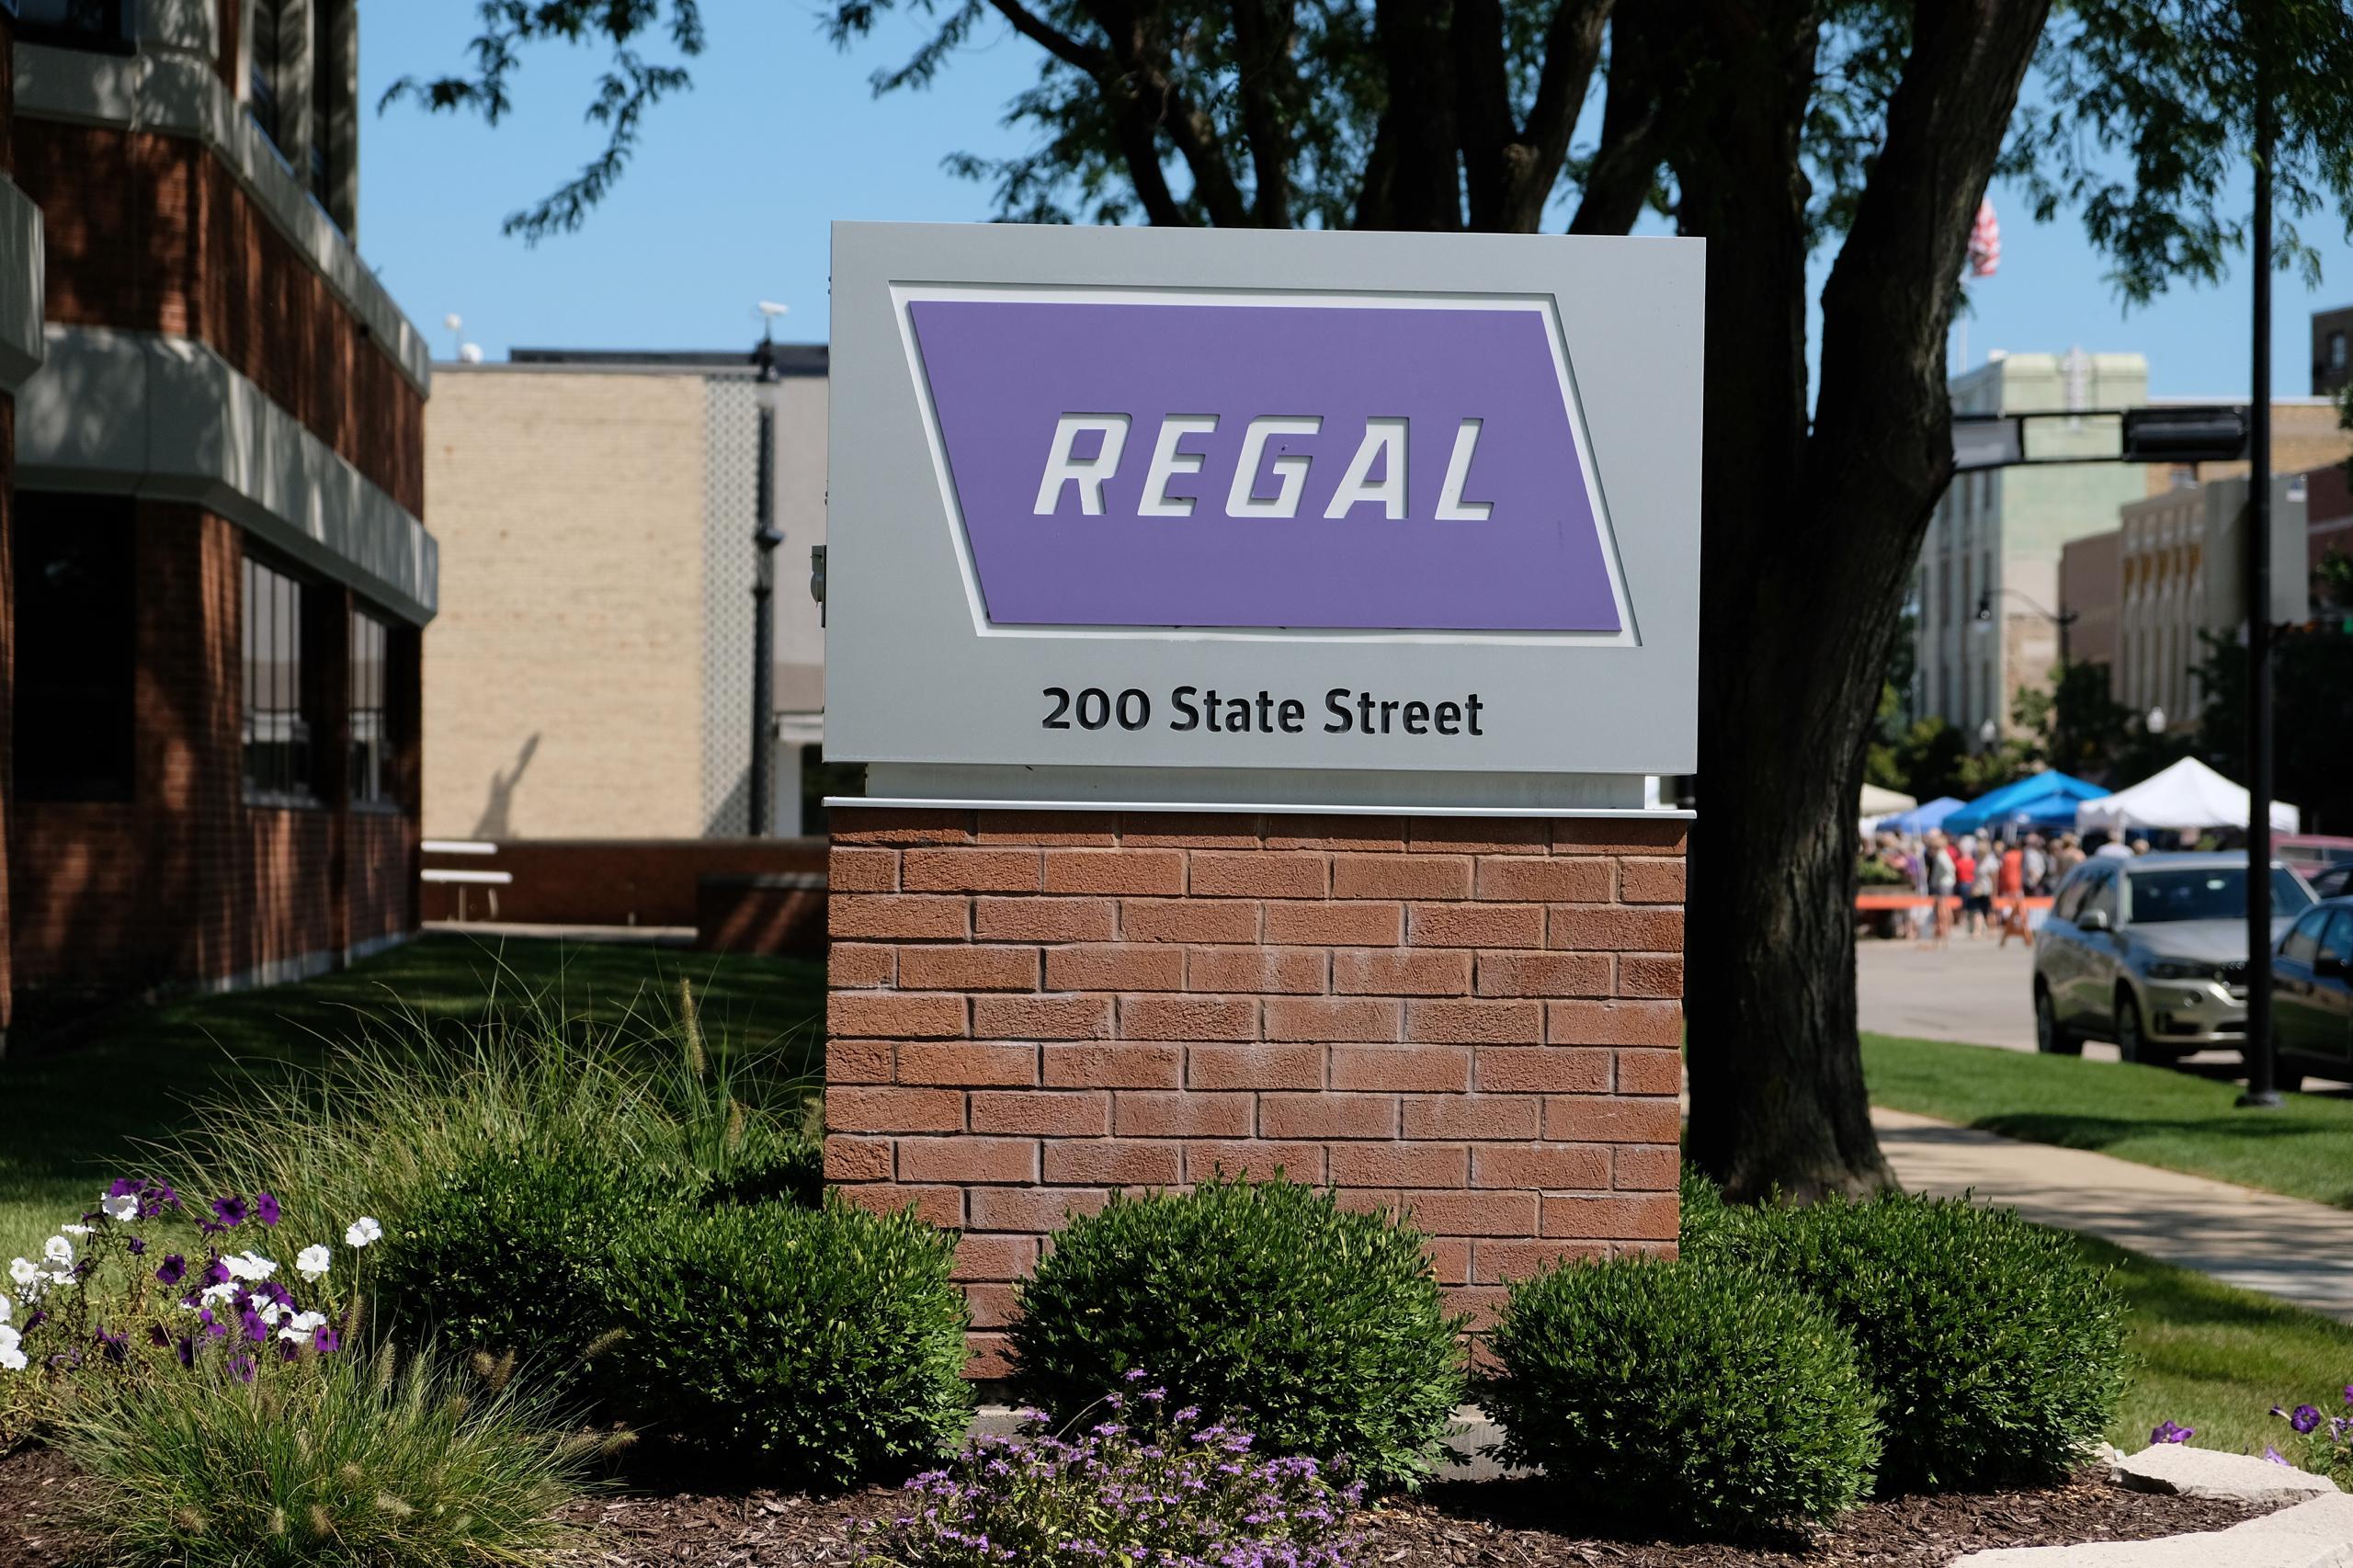 Entrance to Regal Beloit's corporate headquarters in Beloit, Wisconsin.